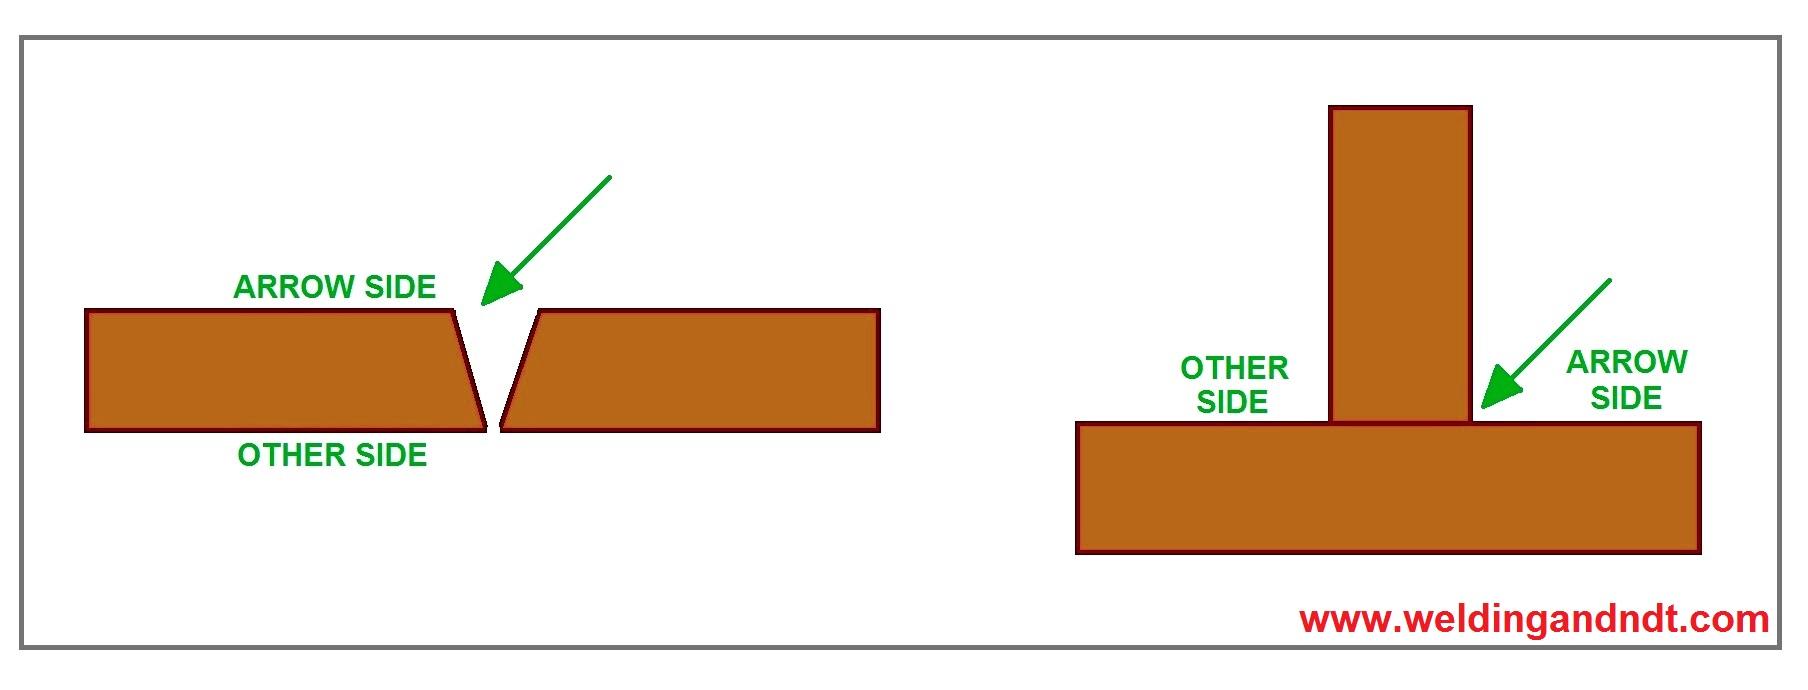 Purpose of arrow line in welding symbol